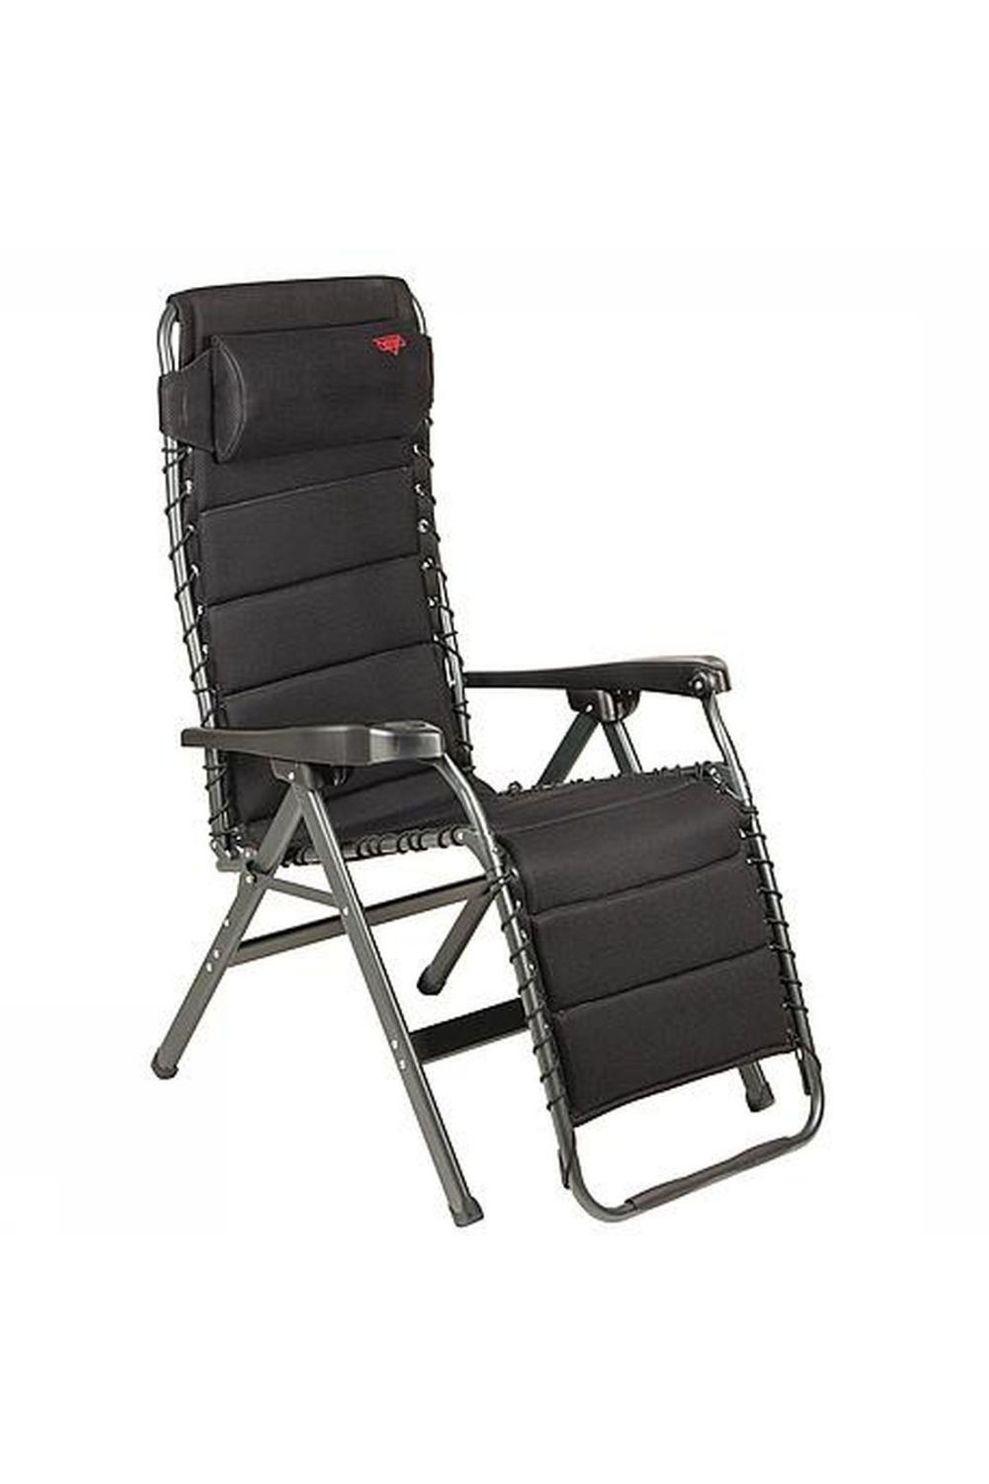 Crespo Relaxstoel Ap-232 Air-Deluxe - Zwart